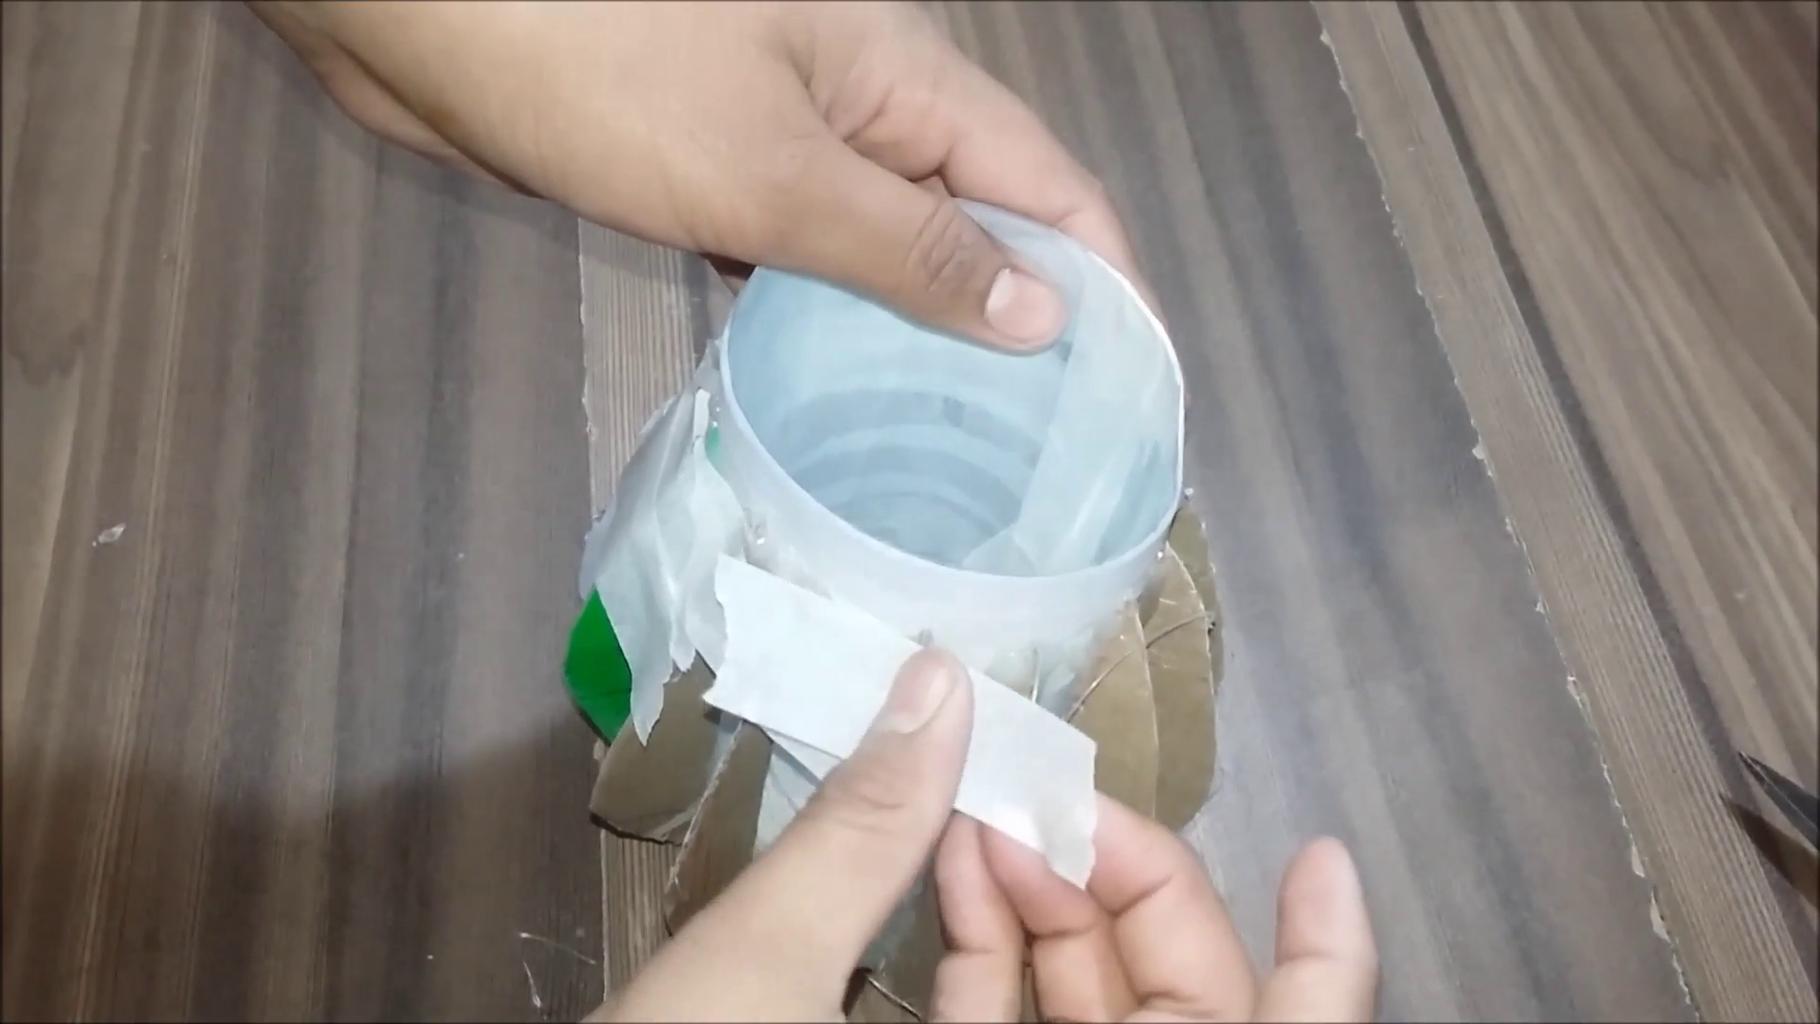 Making Design of Vase